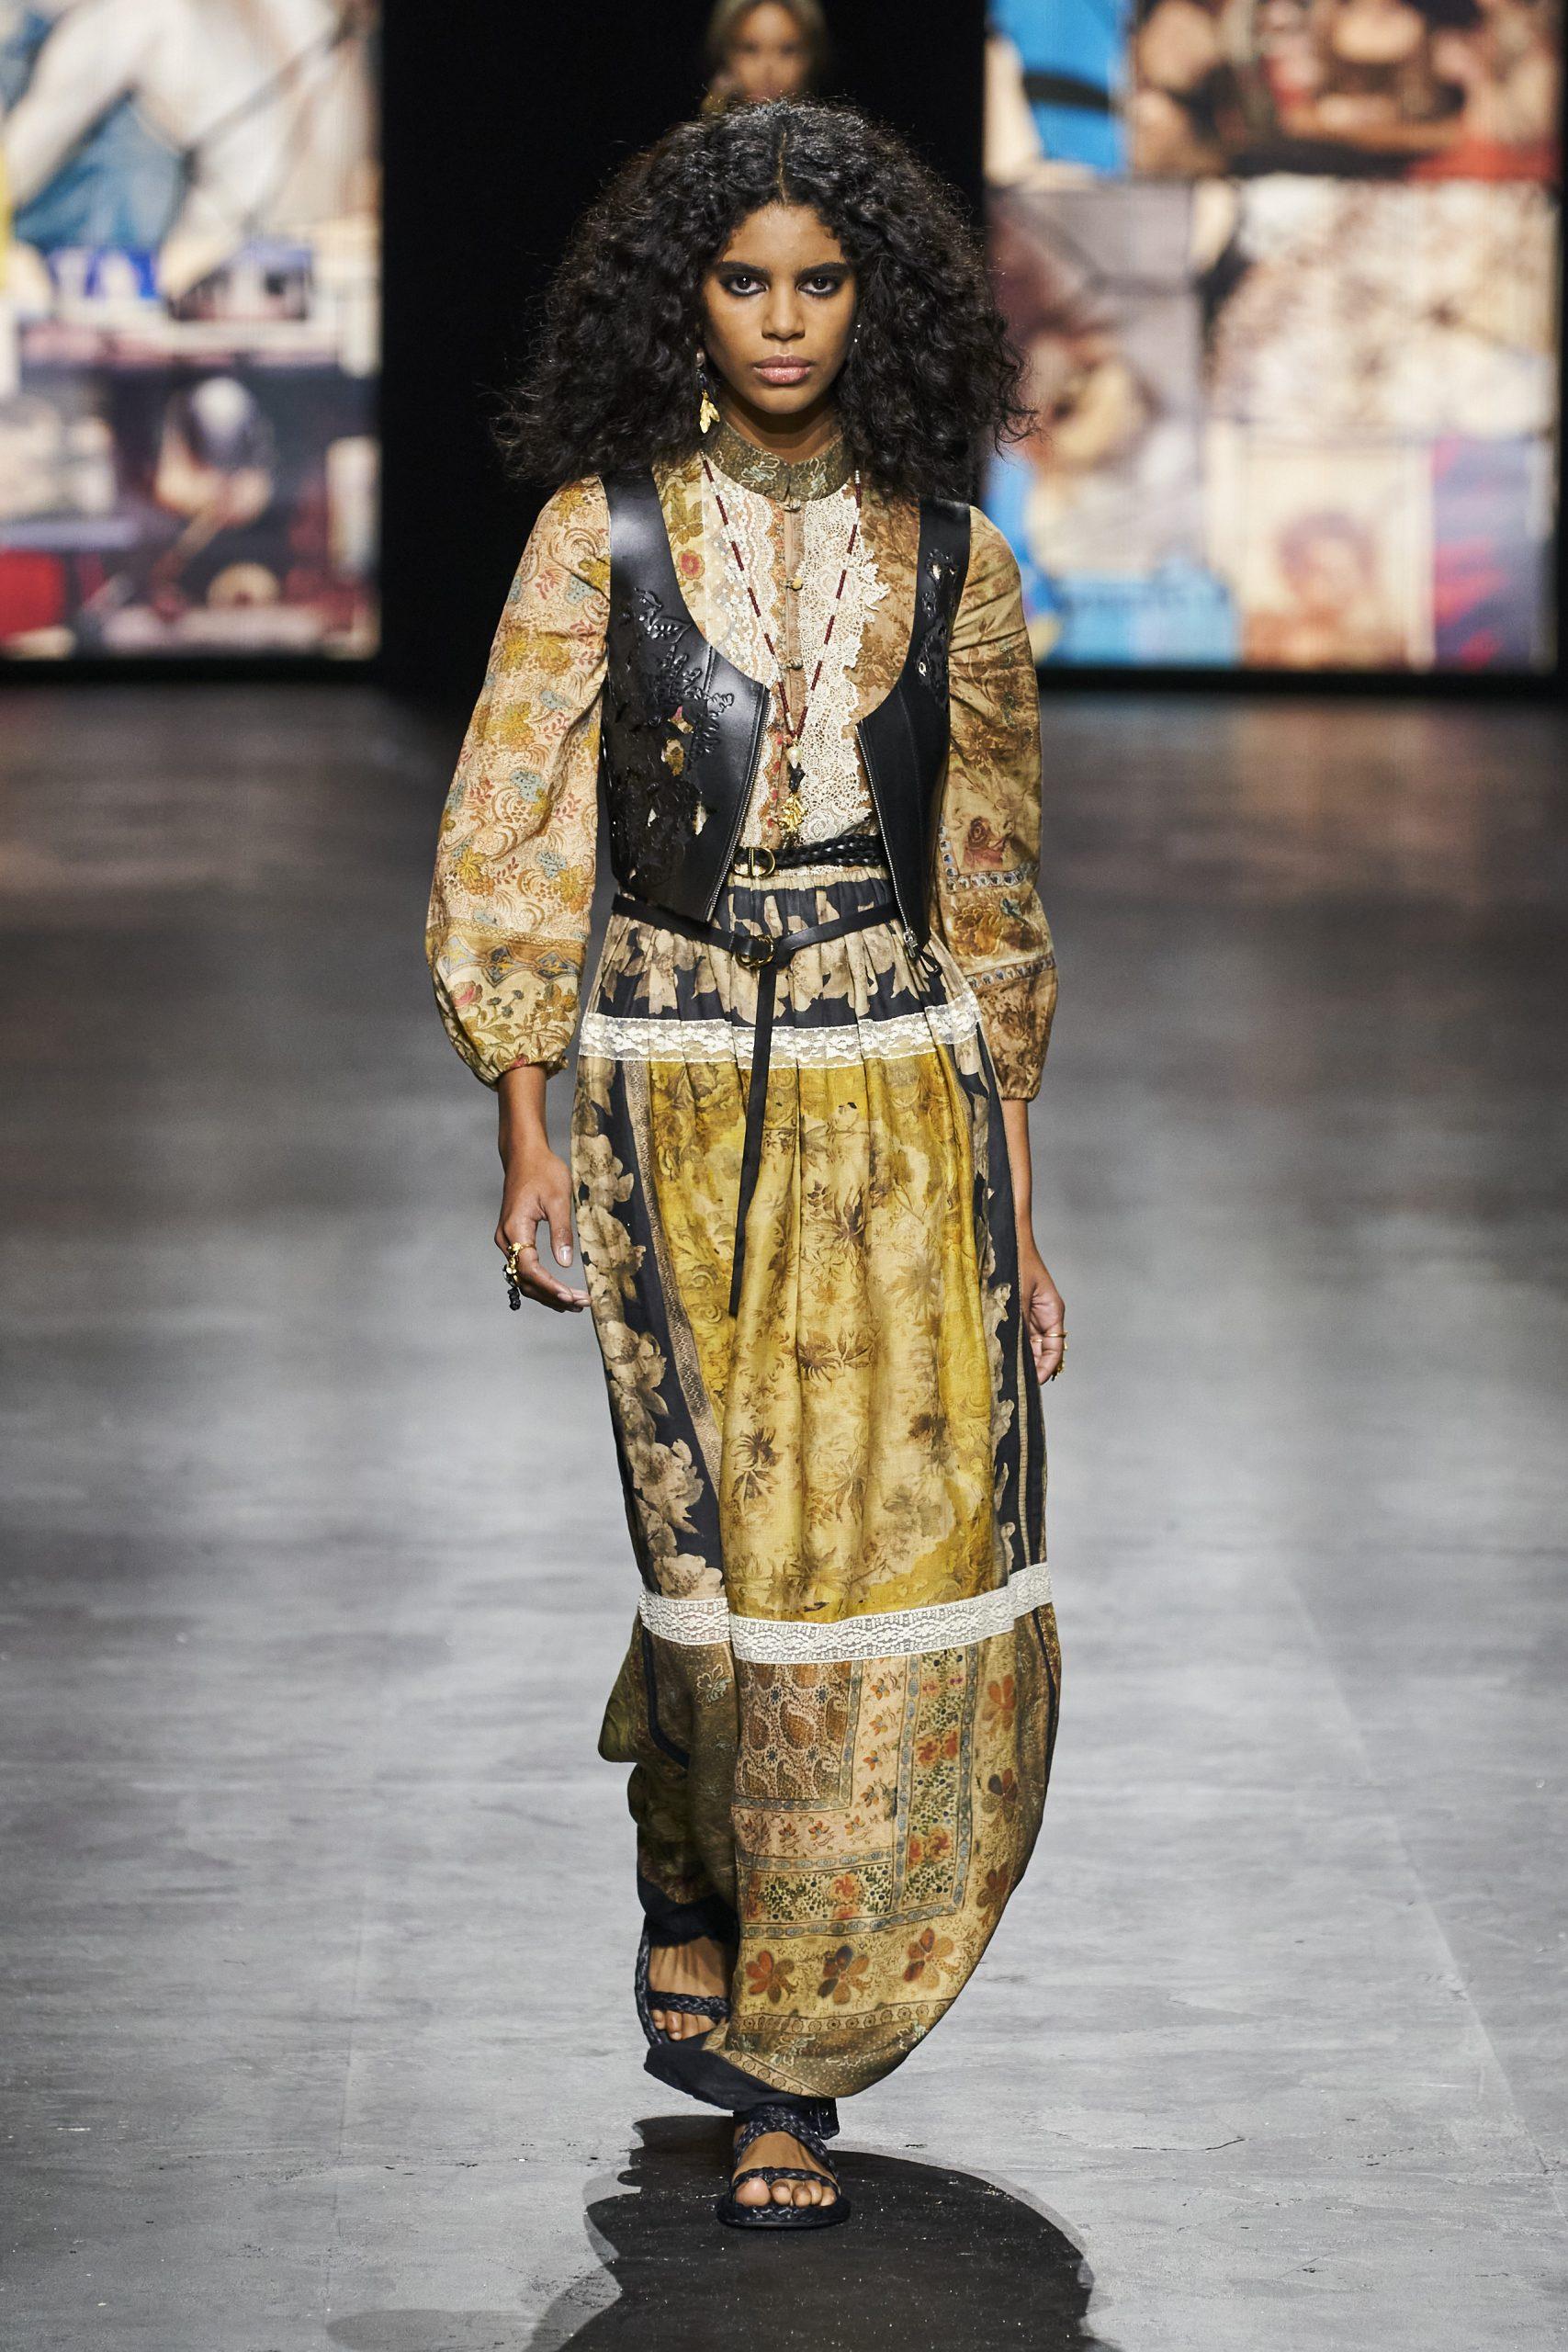 2. kép: Párizsi divathét - Christian Dior - 2021 tavasz-nyár - ready to wear